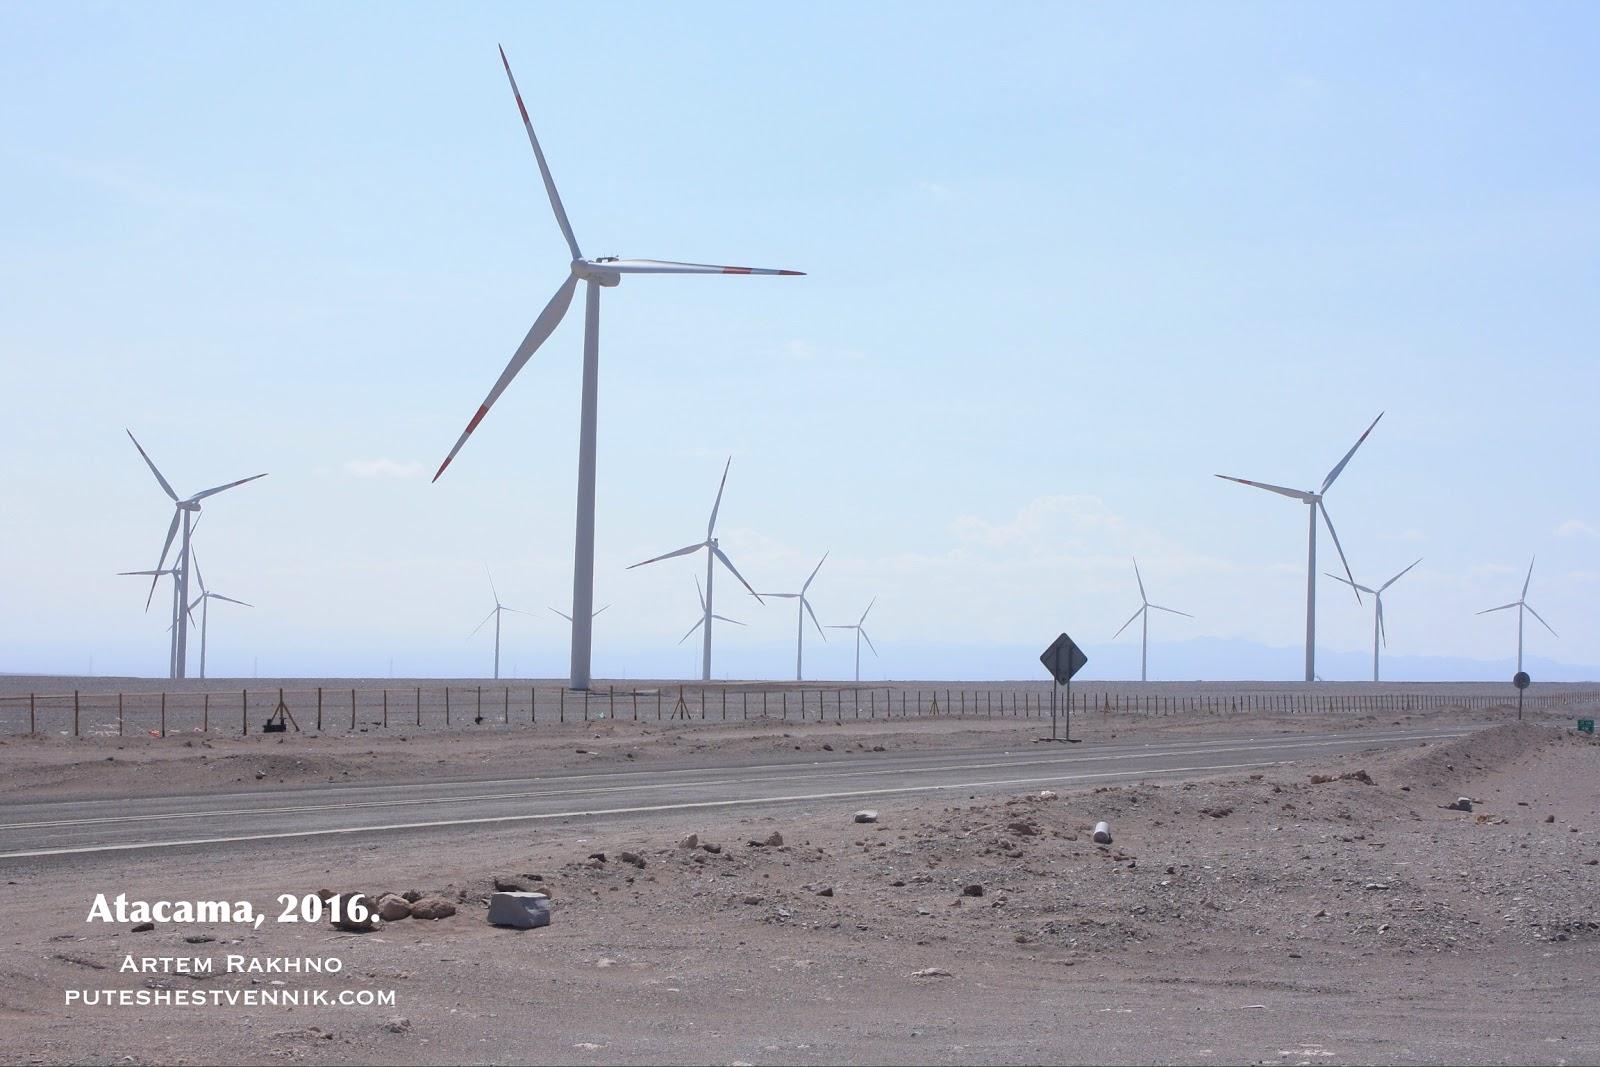 Парк ветровых электростанций в Атакаме